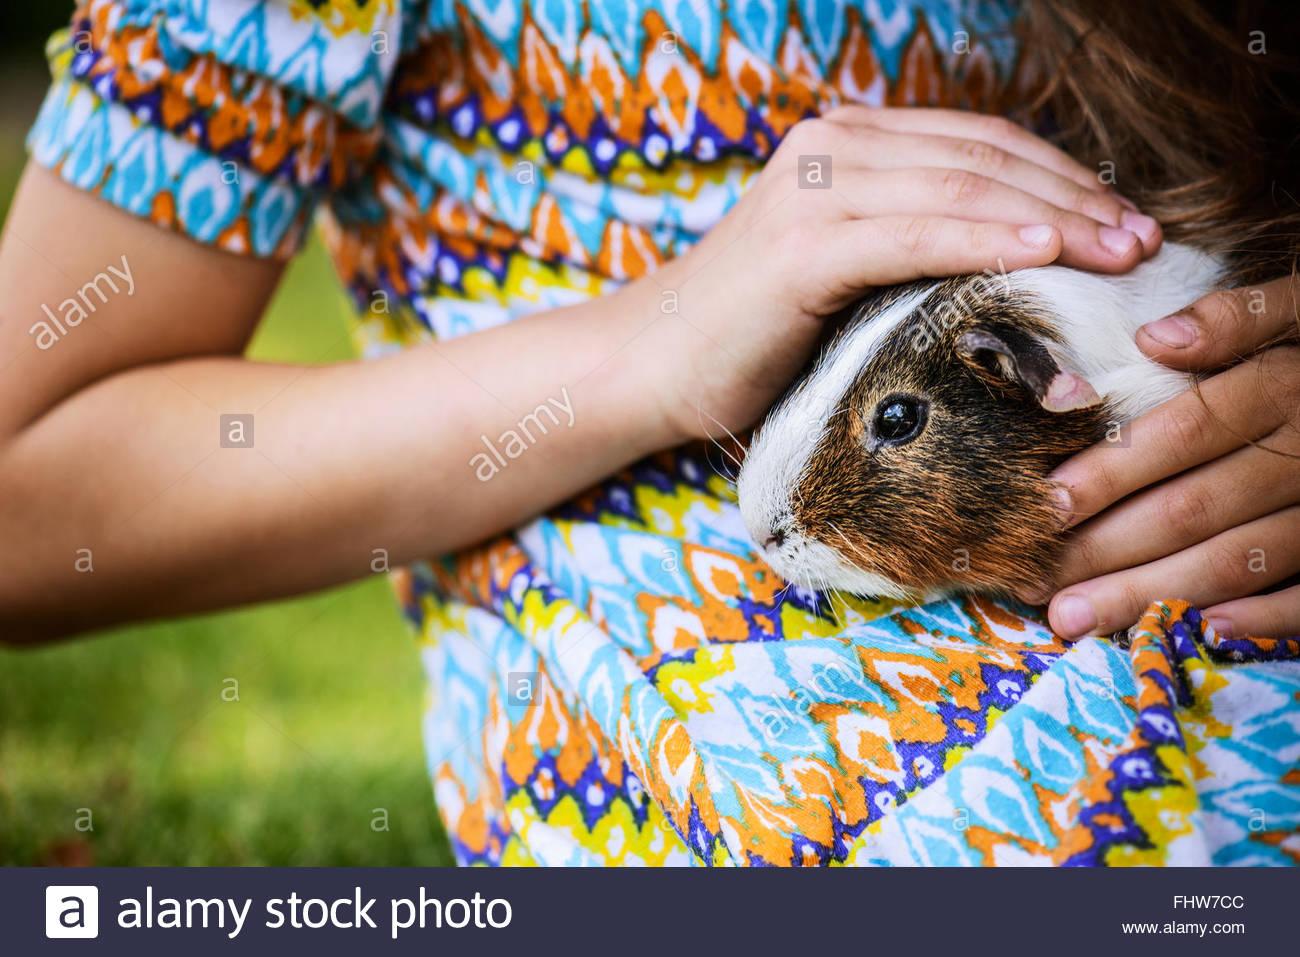 Bambina petting cavia Immagini Stock